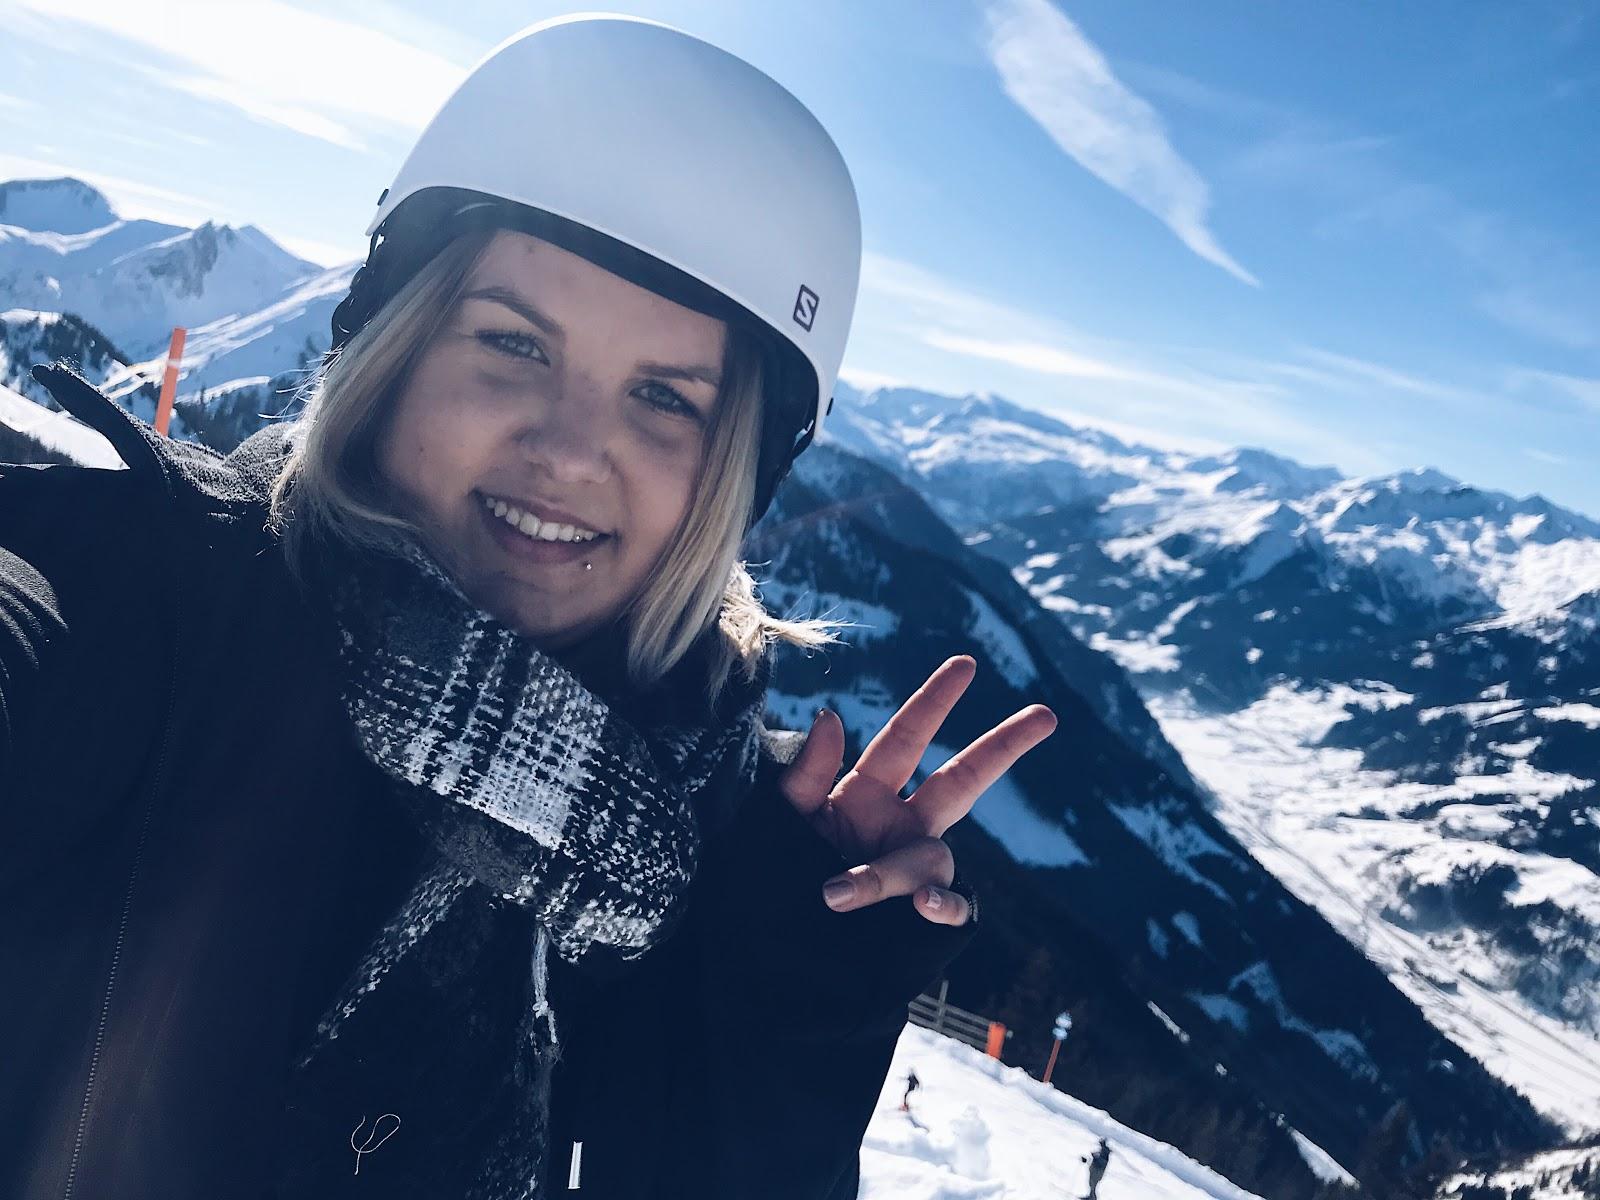 Wir verbrachten einen traumhaften Skitag in Dorfgastein bei den Dorfgasteiner Bergbahnen und konnten das komplette Feeling von Sonne, herrlicher Aussicht und Schnee in vollen Zügen genießen. Das Skigebiet erschließt sich über das Großarltal und Dorfgastein und bietet sehr viele Skipisten für Skifahrer und Snowboarder. Ein tolles Skigebiet in Salzburg im schönen Österreich.